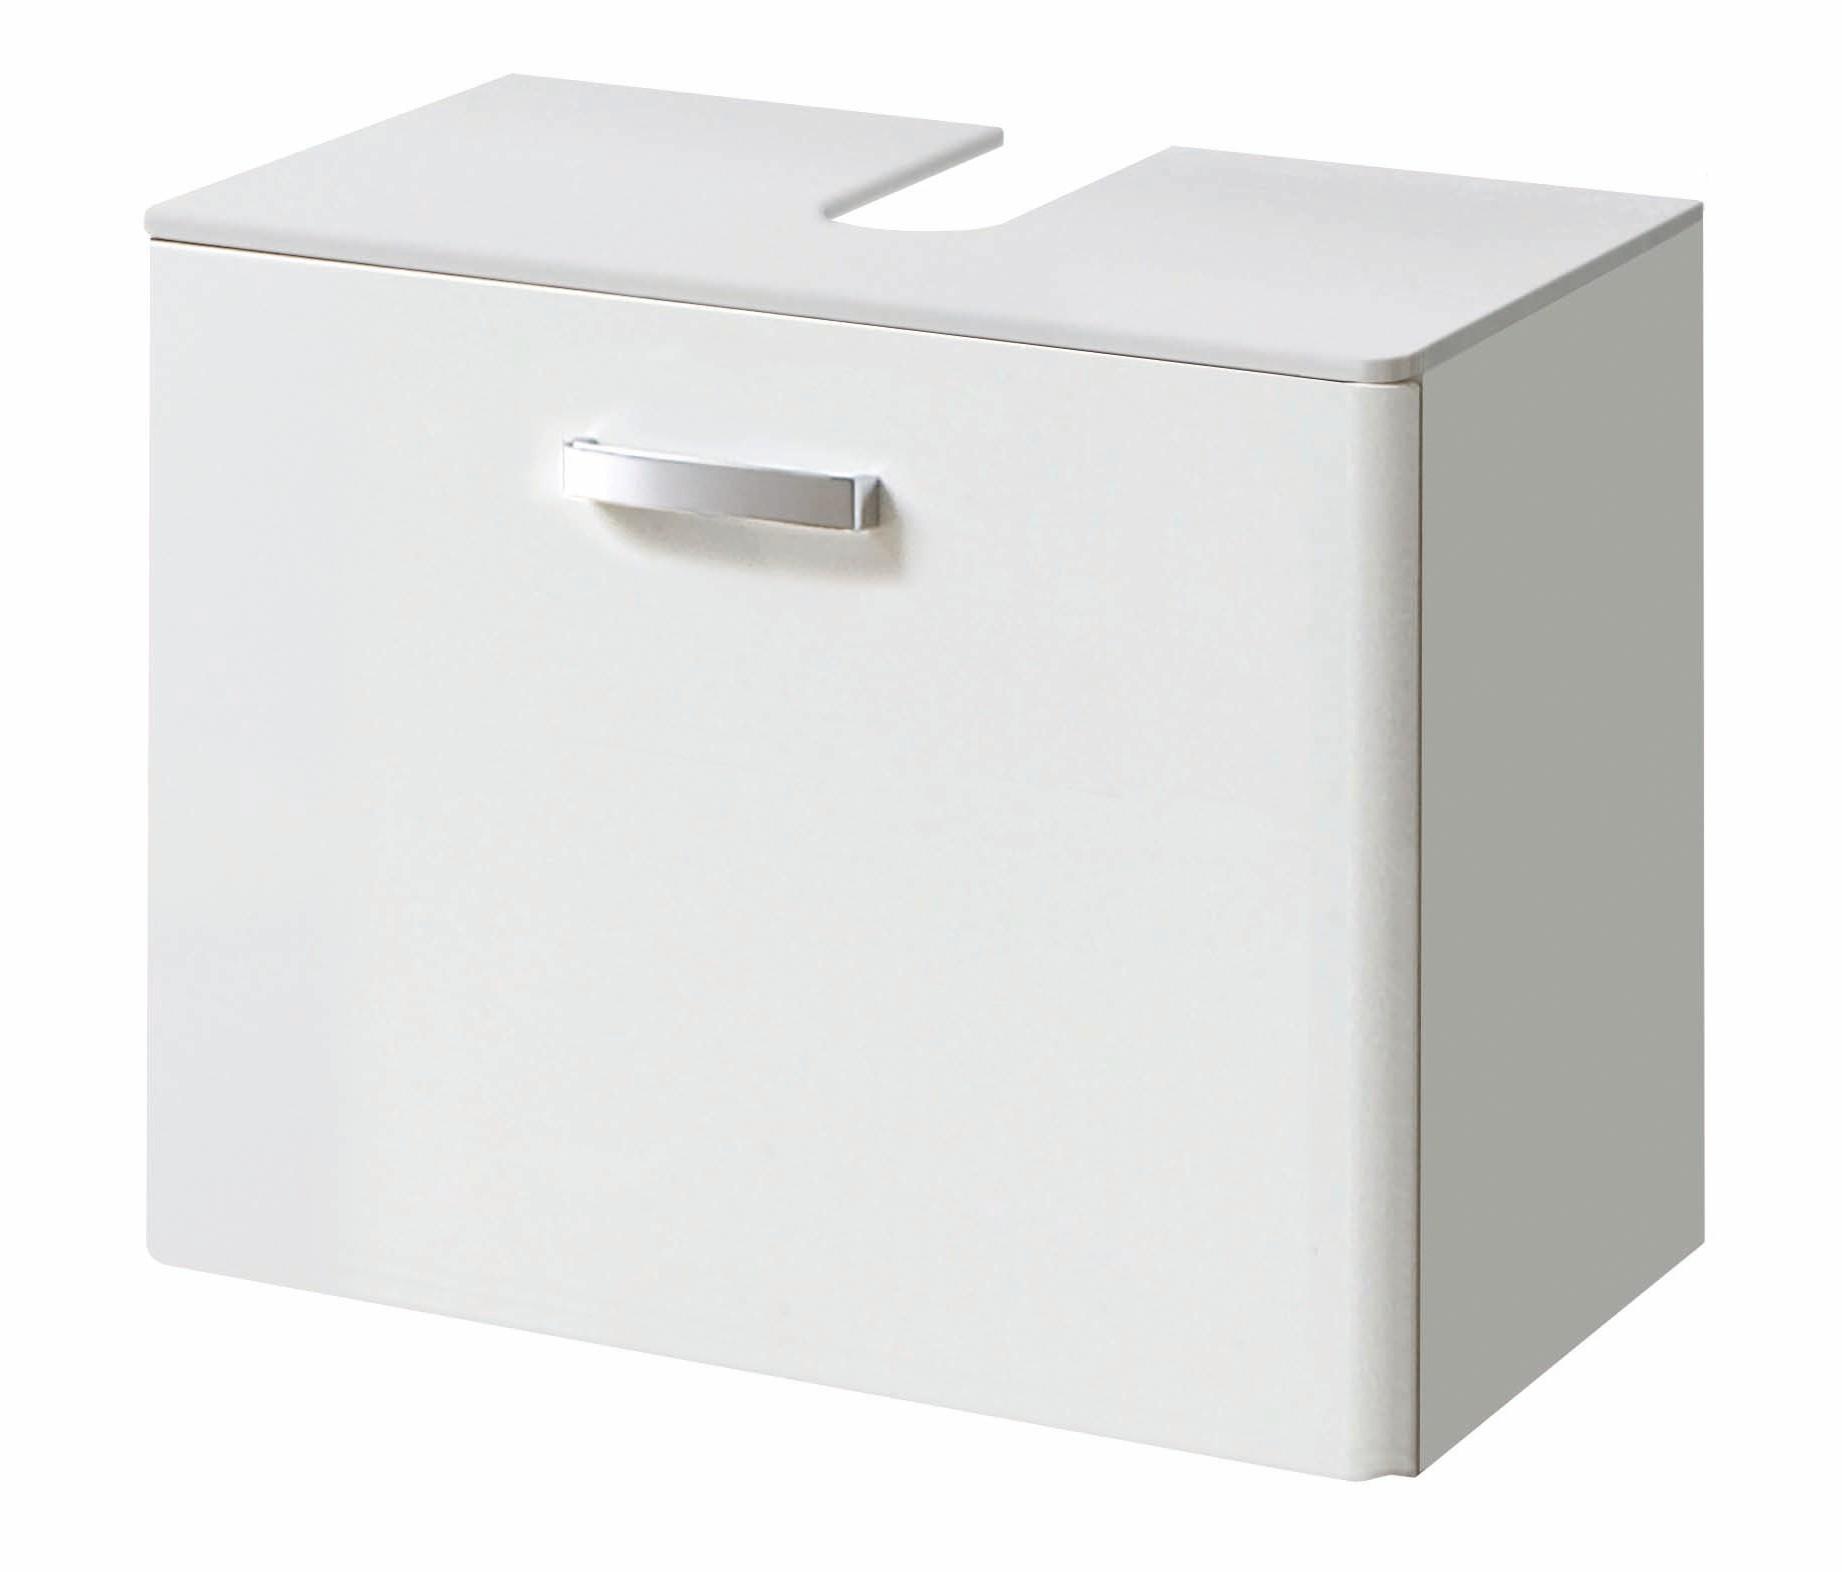 bad waschbeckenunterschrank phoenix 1 auszug 60 cm breit hochglanz wei bad phoenix. Black Bedroom Furniture Sets. Home Design Ideas